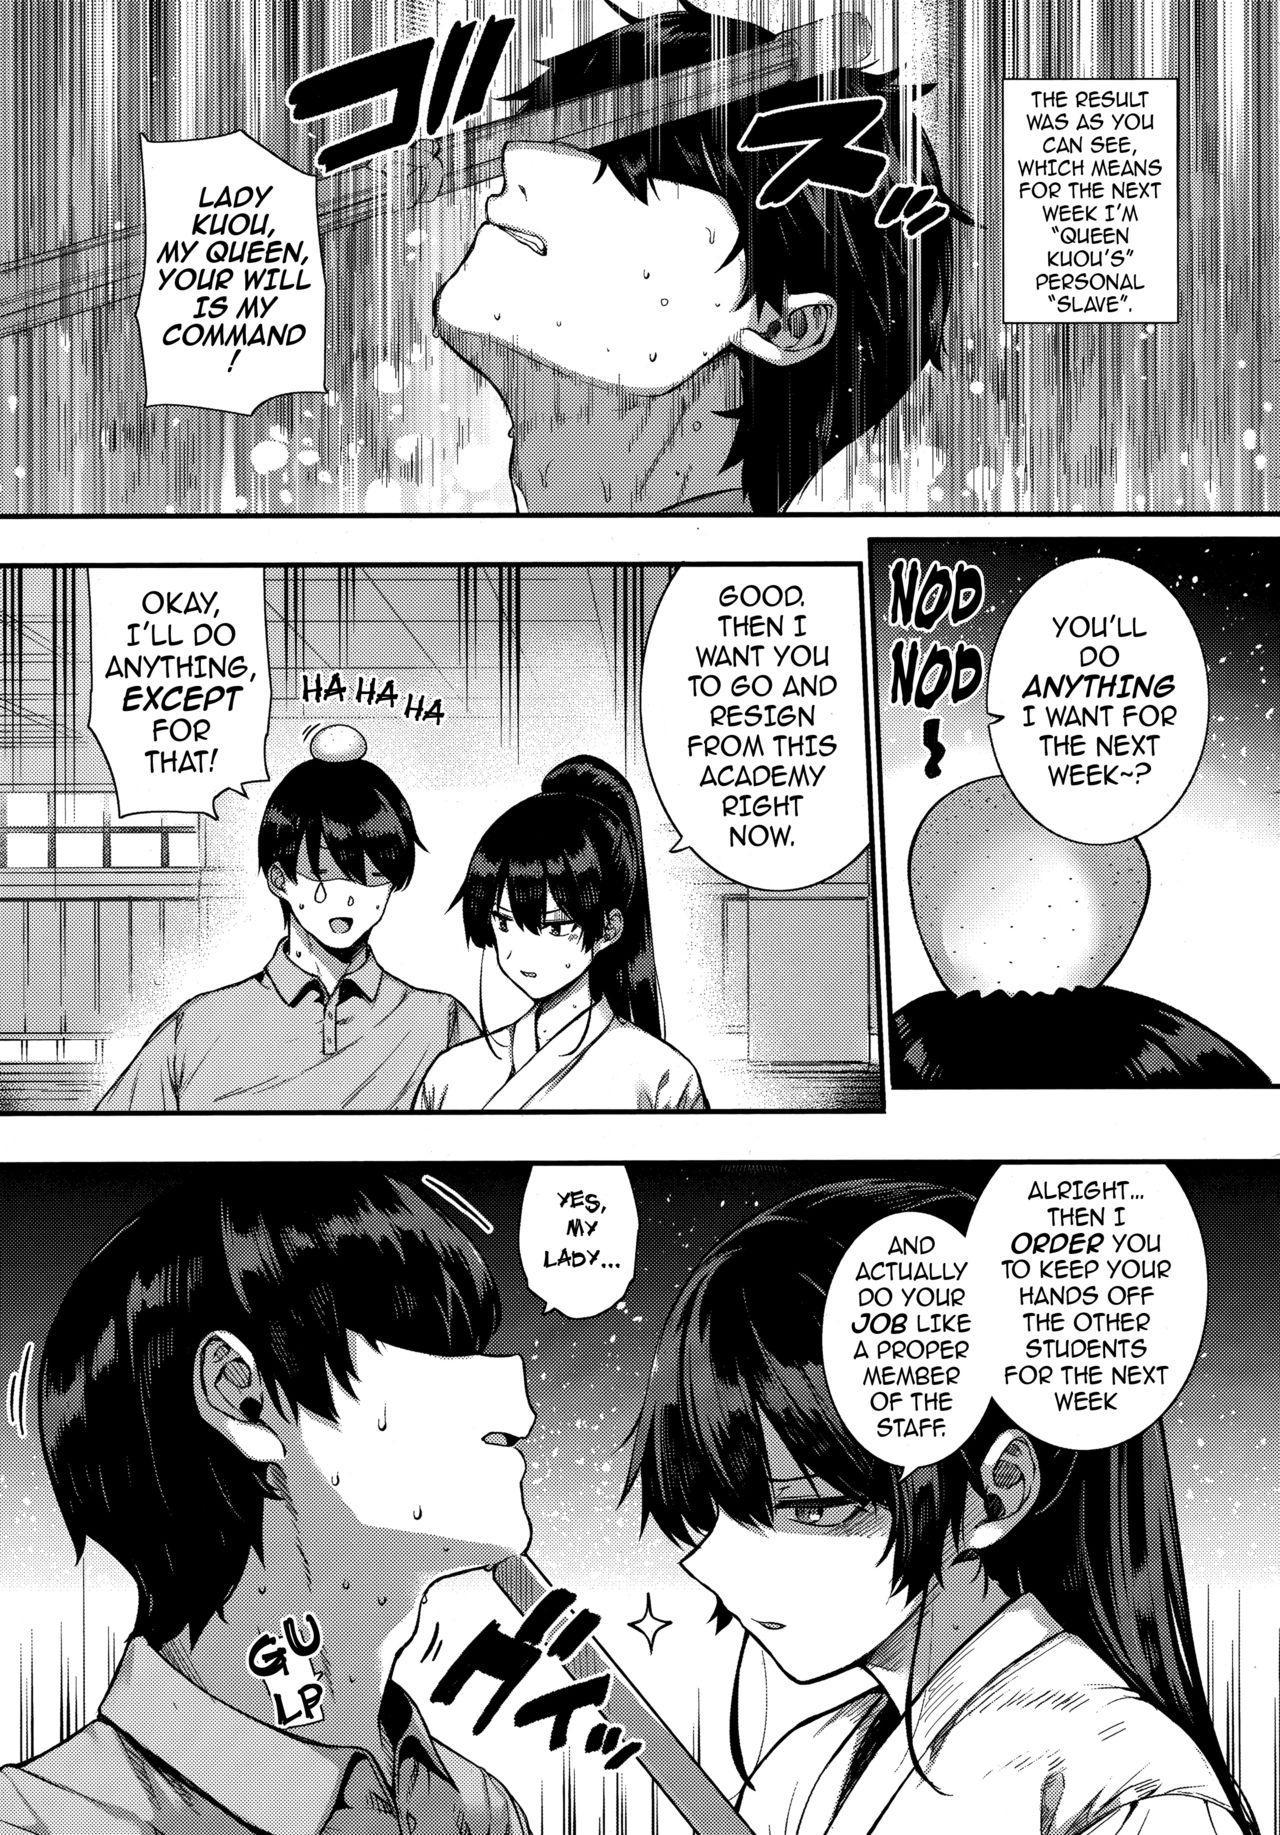 [Katsurai Yoshiaki] Amatsuka Gakuen no Ryoukan Seikatsu | Angel Academy's Hardcore Dorm Sex Life 1-2, 4-9 [English] {darknight} [Digital] 126